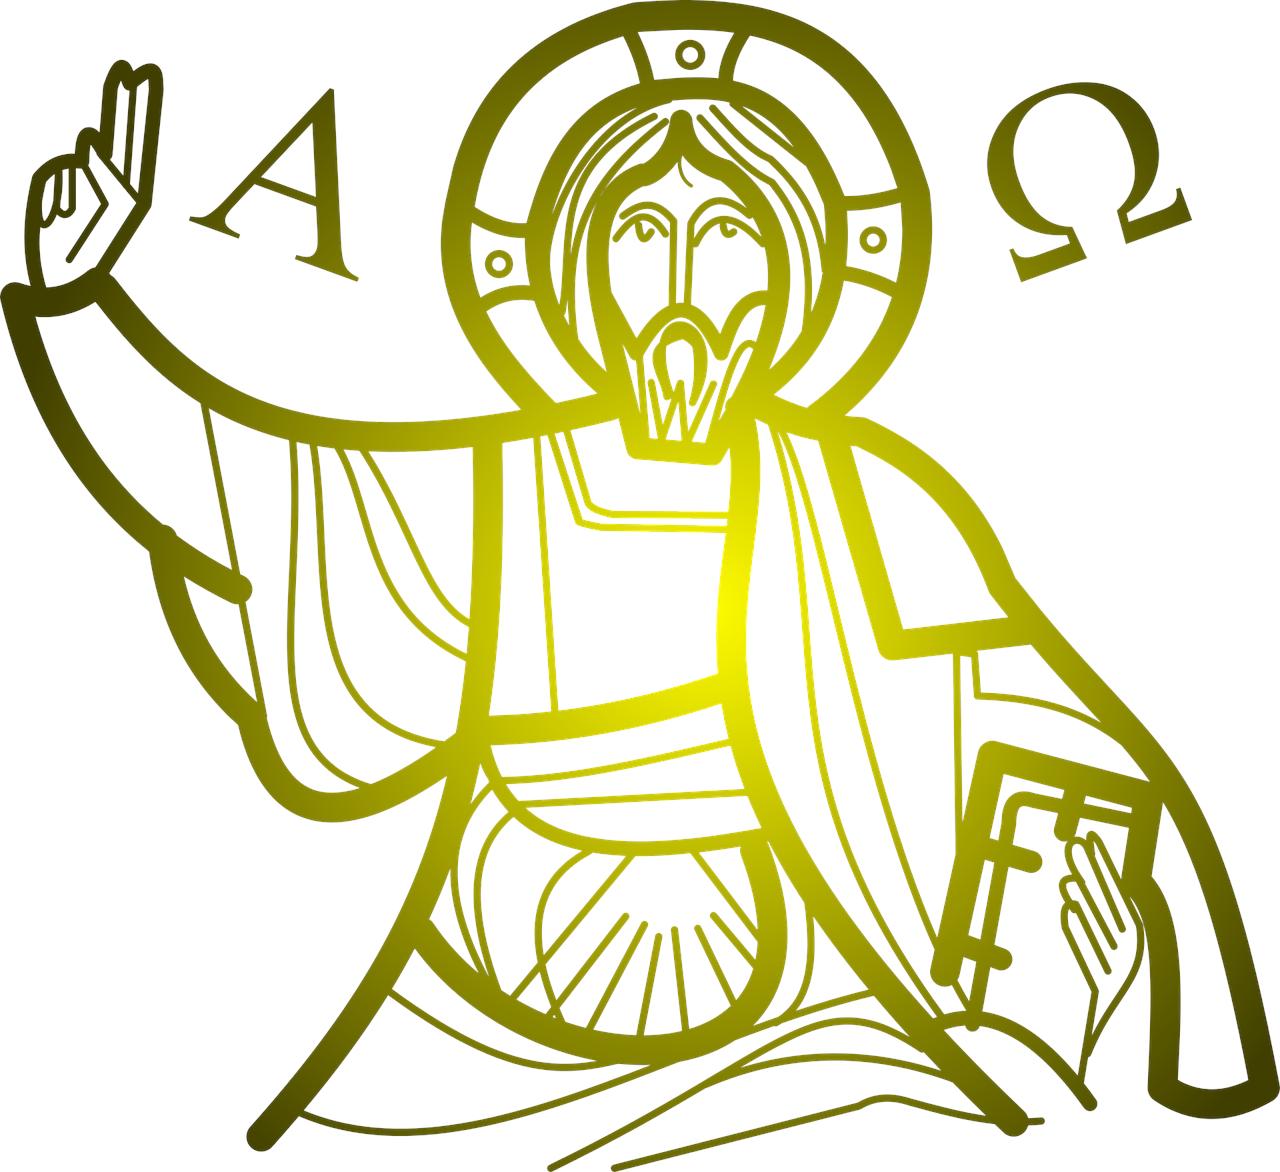 Le Christ est maître des temps et de l'histoire – Homélie du Jeudi de la 7è semaine de Pâques, 28.05.2020 Année A